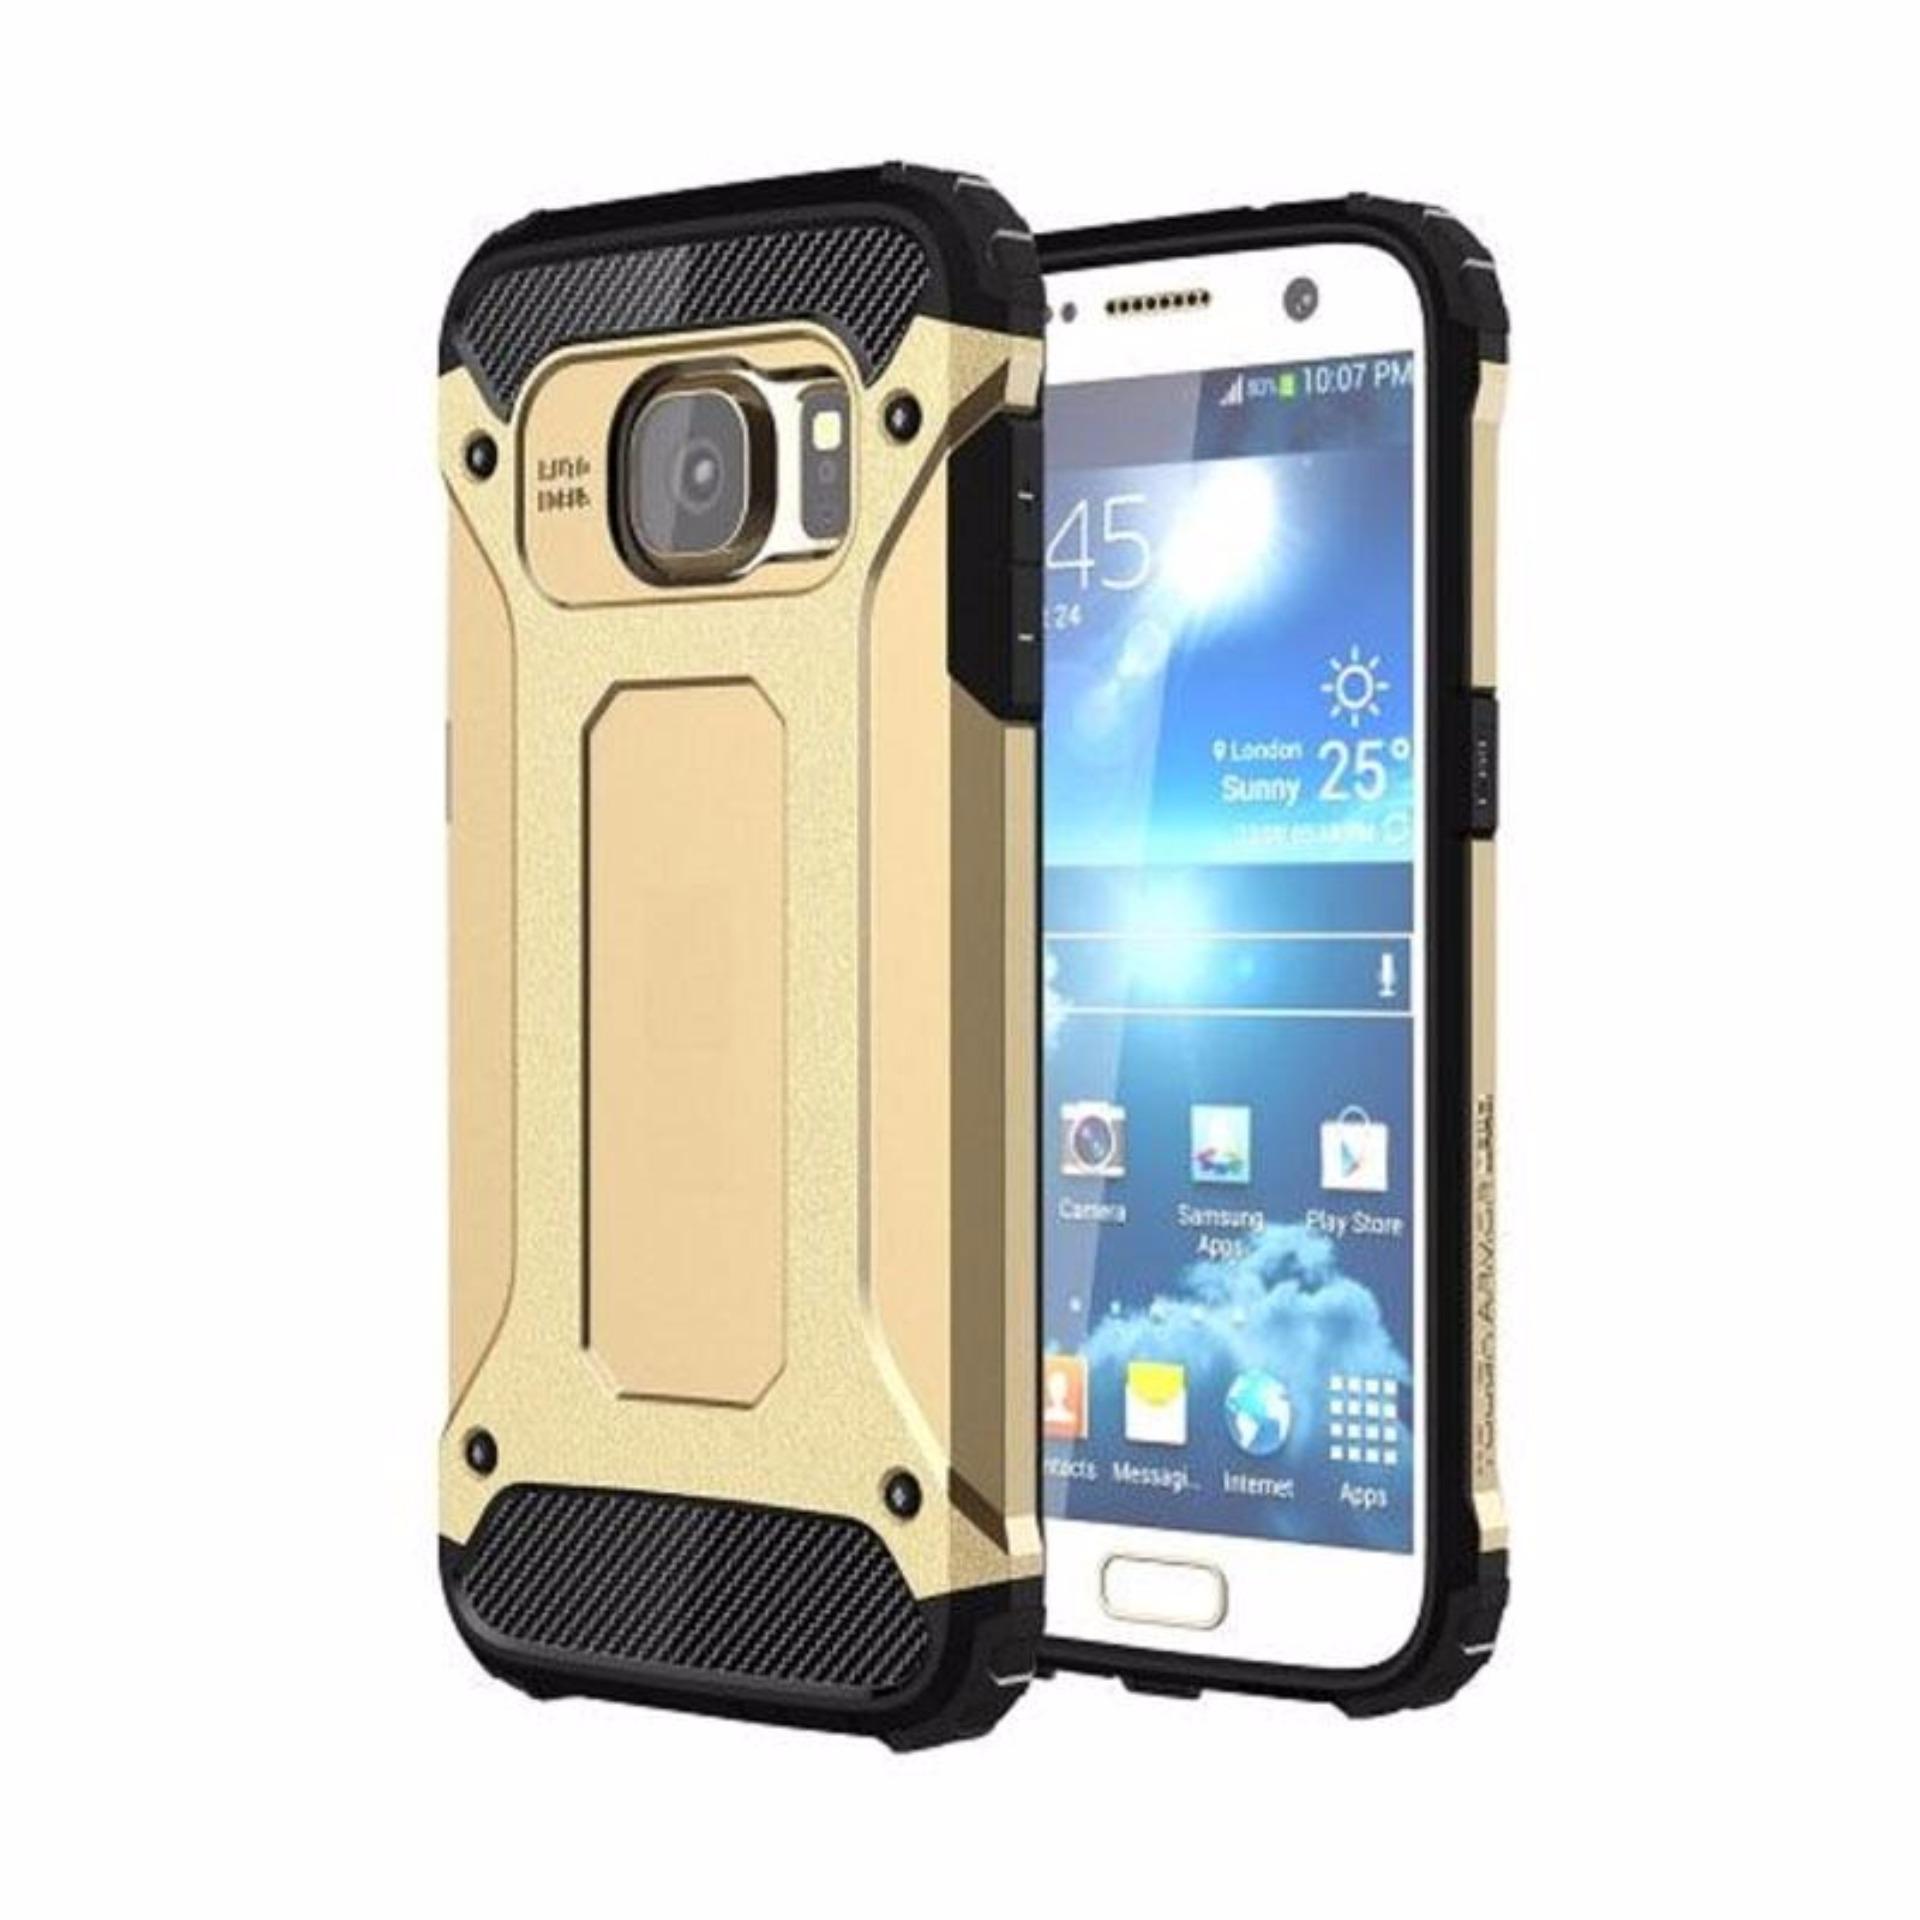 Casing Handphone Spigen Transformers Iron Robot Hardcase Casing For Samsung A5 2016 A510 - Daftar Update